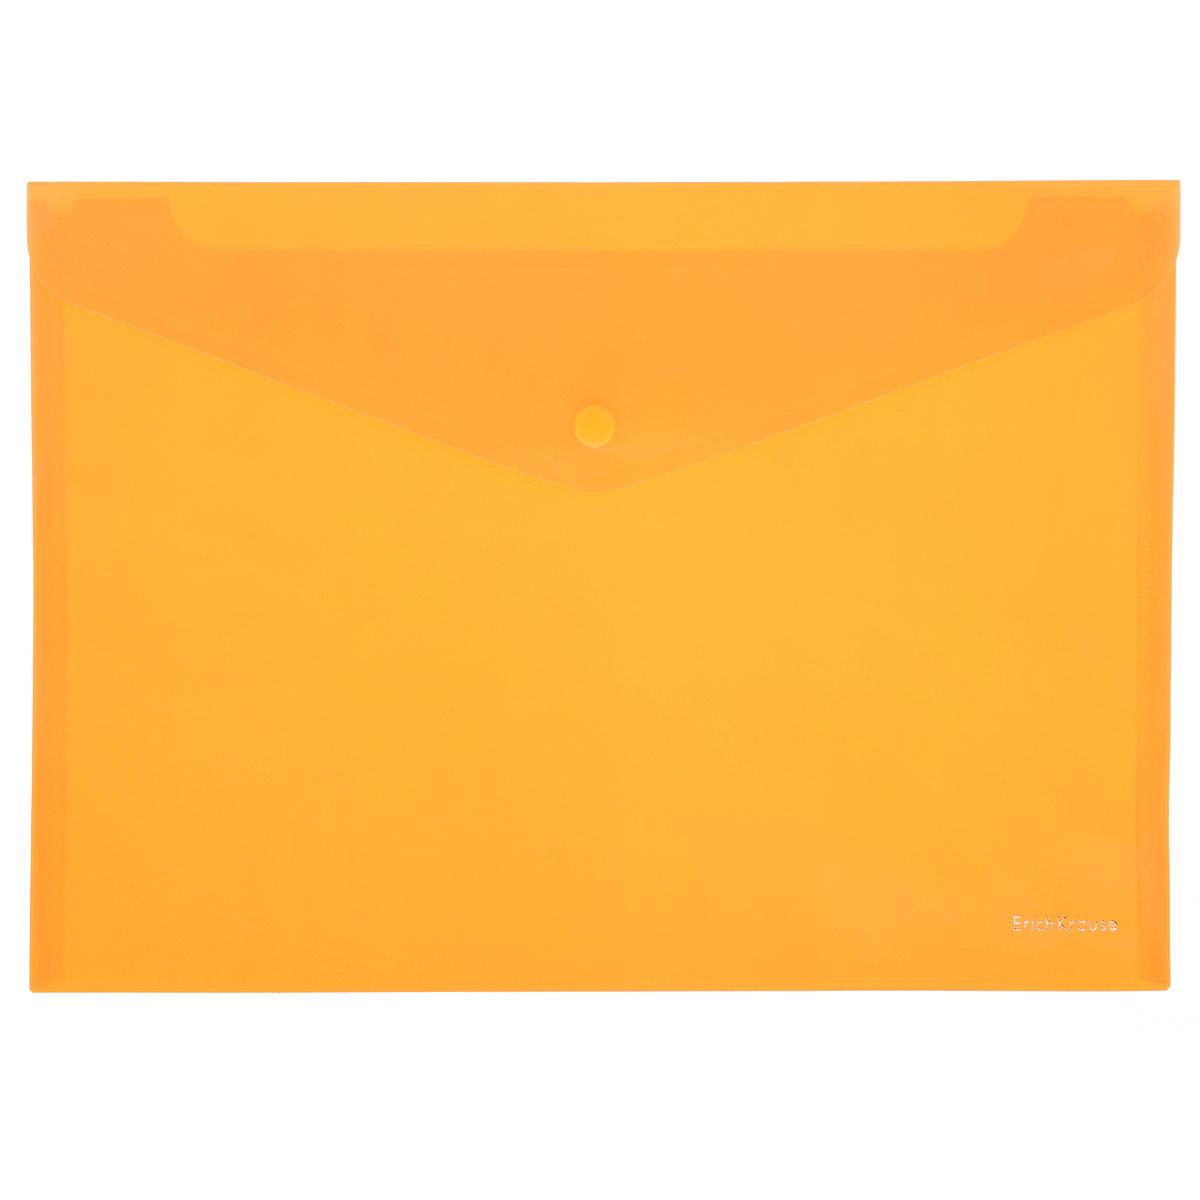 Erich Krause Папка-конверт Envelope Folder цвет оранжевый2932_оранжевыйПапка-конверт на кнопке Erich Krause - удобный и практичный офисный инструмент, предназначенный для хранения и транспортировки рабочих бумаг и документов формата А4. Папка изготовлена из полупрозрачного глянцевого пластика оранжевого цвета с диагональной текстурой, которая надолго сохраняет папку аккуратной и увеличивает срок ее службы. Практичная застежка-кнопка удобна для частого использования и обеспечивает быстрый доступ к документам. С такой папкой ваши документы всегда будут в полном порядке!